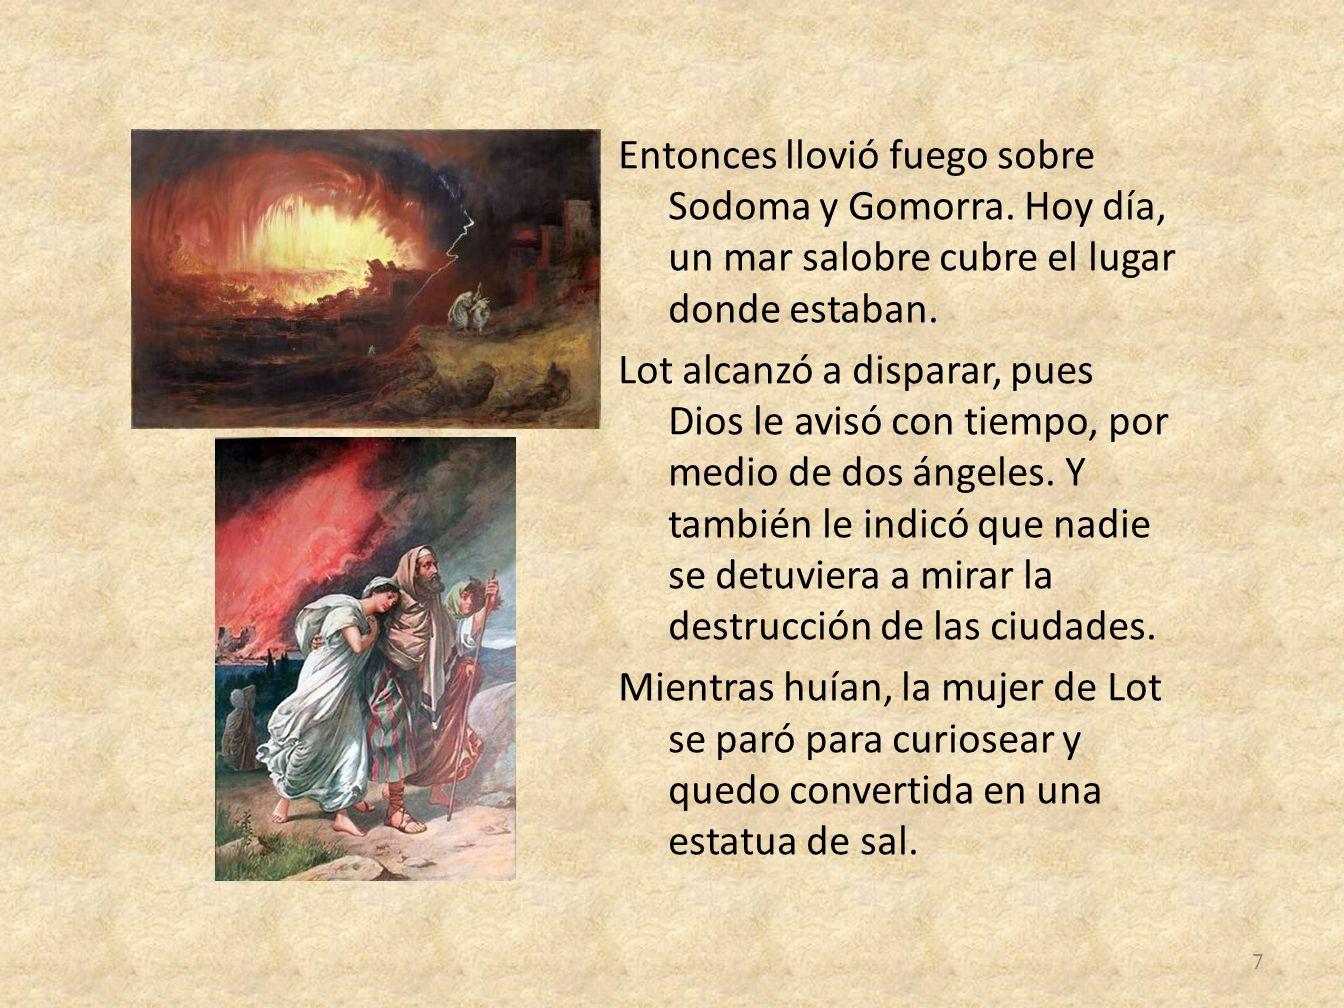 Entonces llovió fuego sobre Sodoma y Gomorra